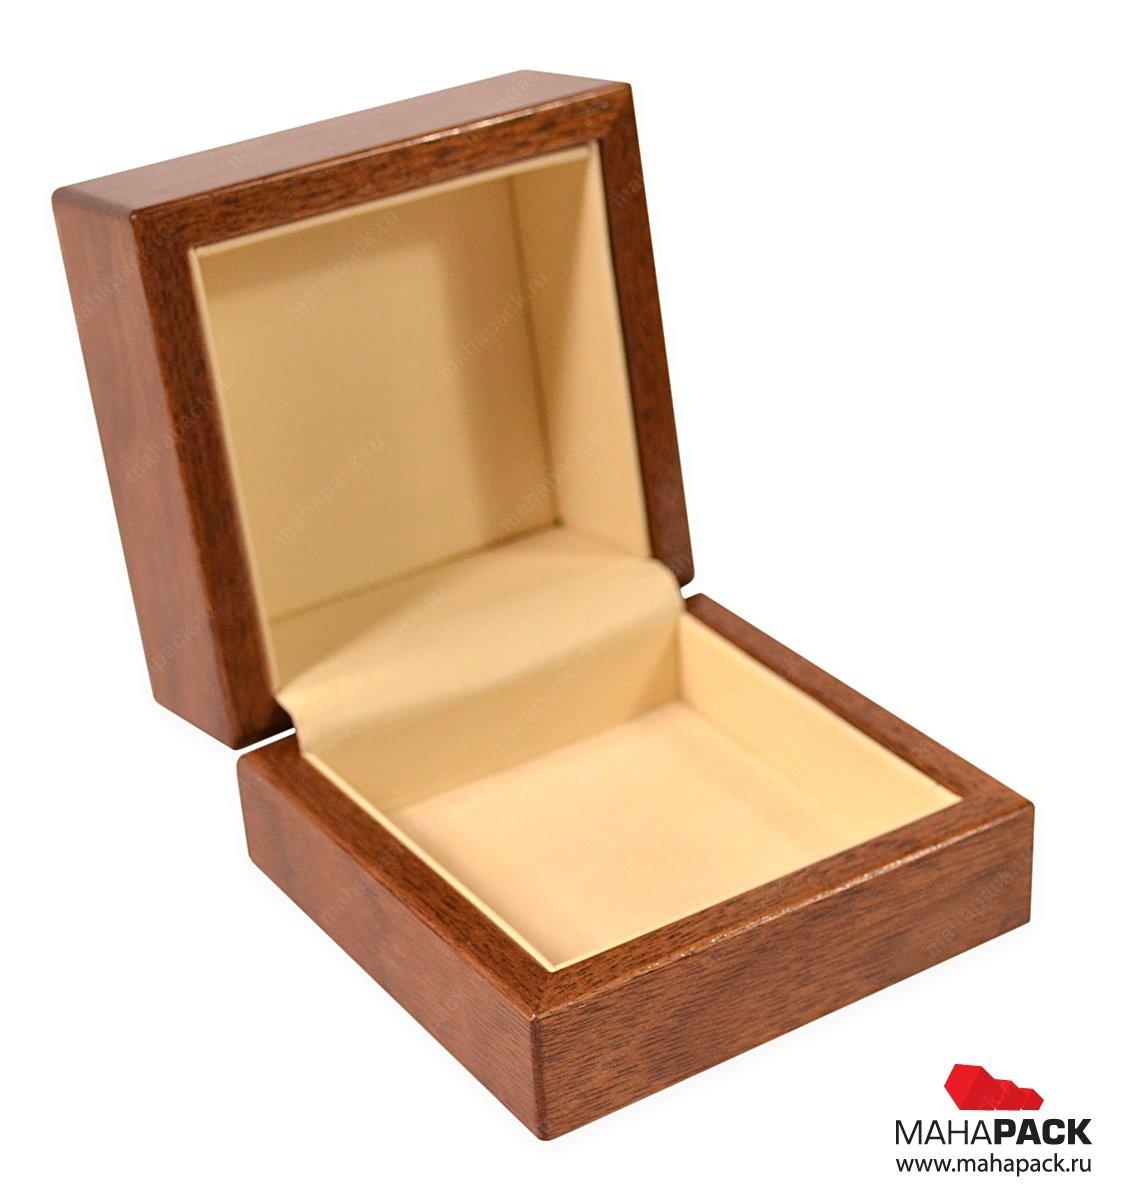 Премиум упаковка из дерева